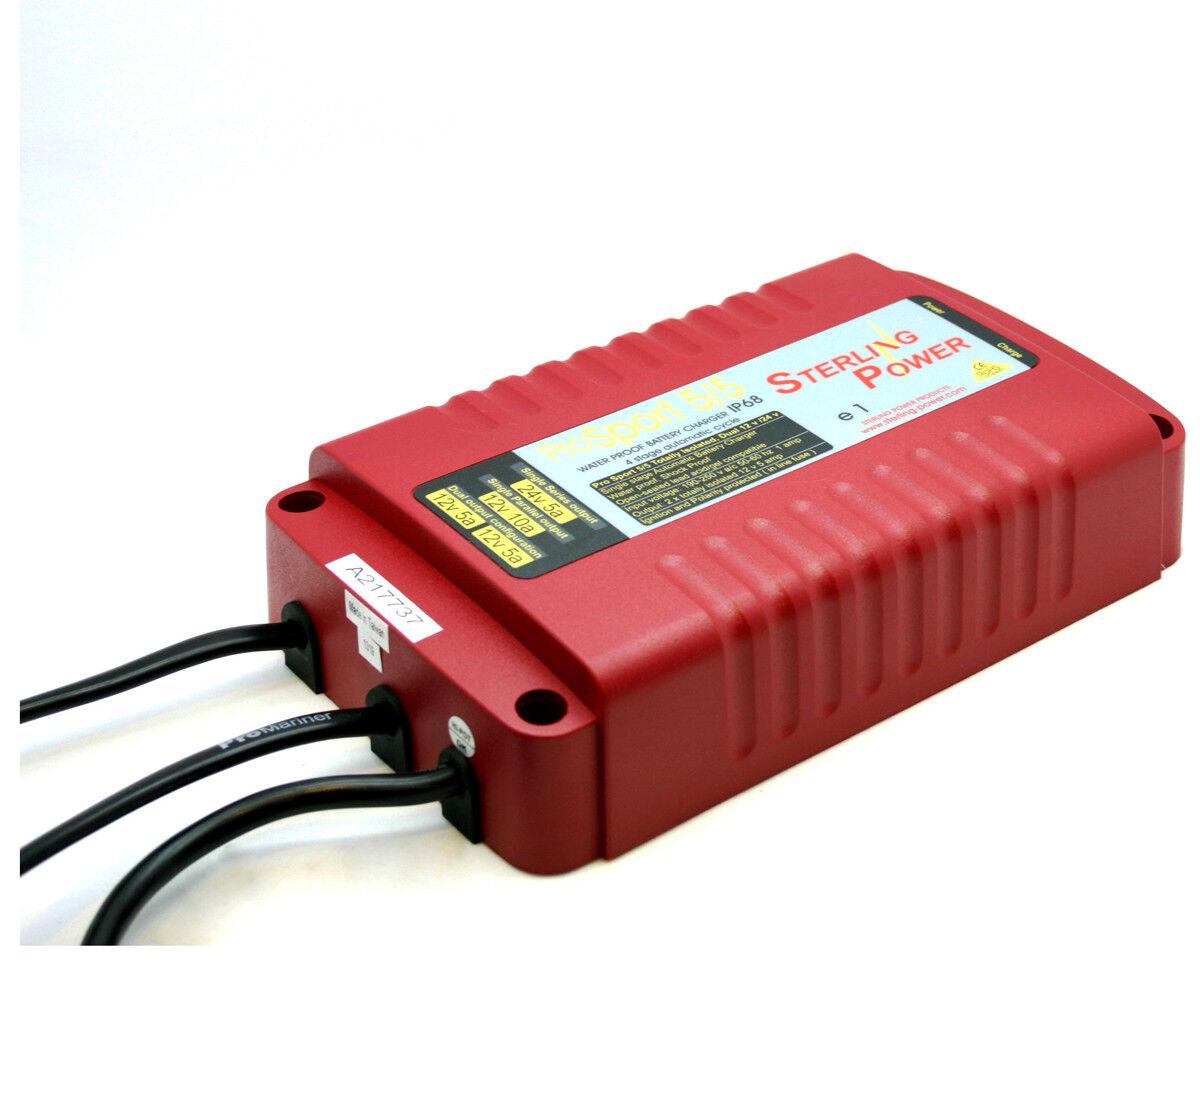 Sterling Power PROSPORT 5/5 IP68 10A wasserdicht marine Batterieladegerät ps1255 ps1255 ps1255 47e123